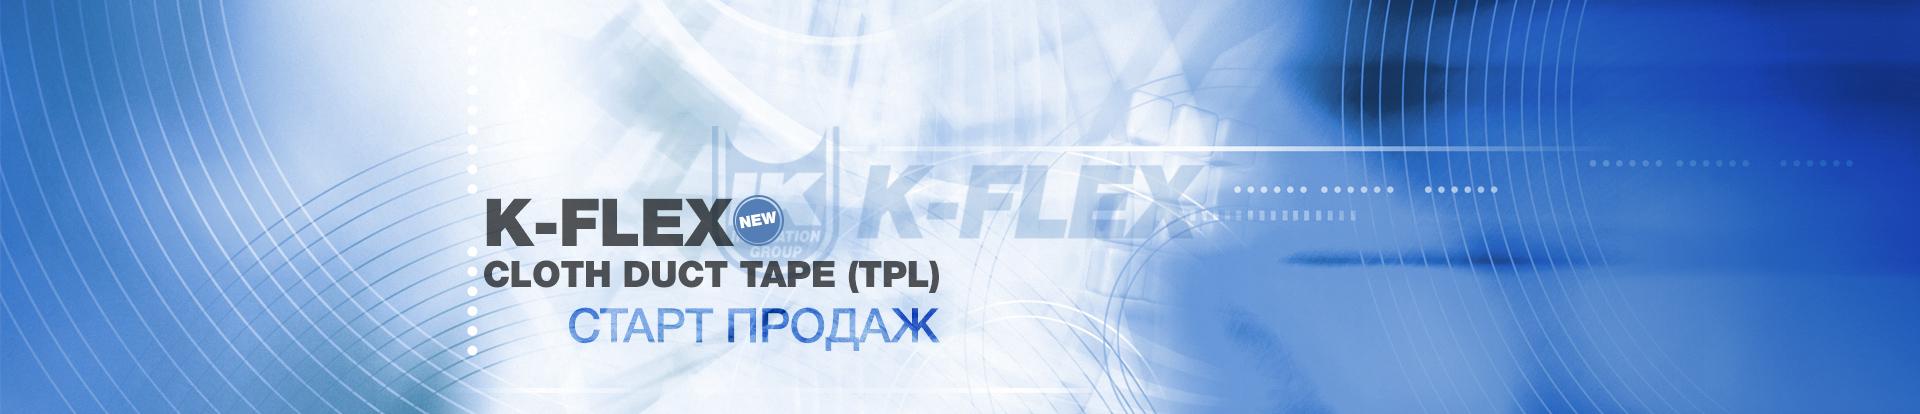 K-FLEX CLOTH DUCT TAPE (TPL)